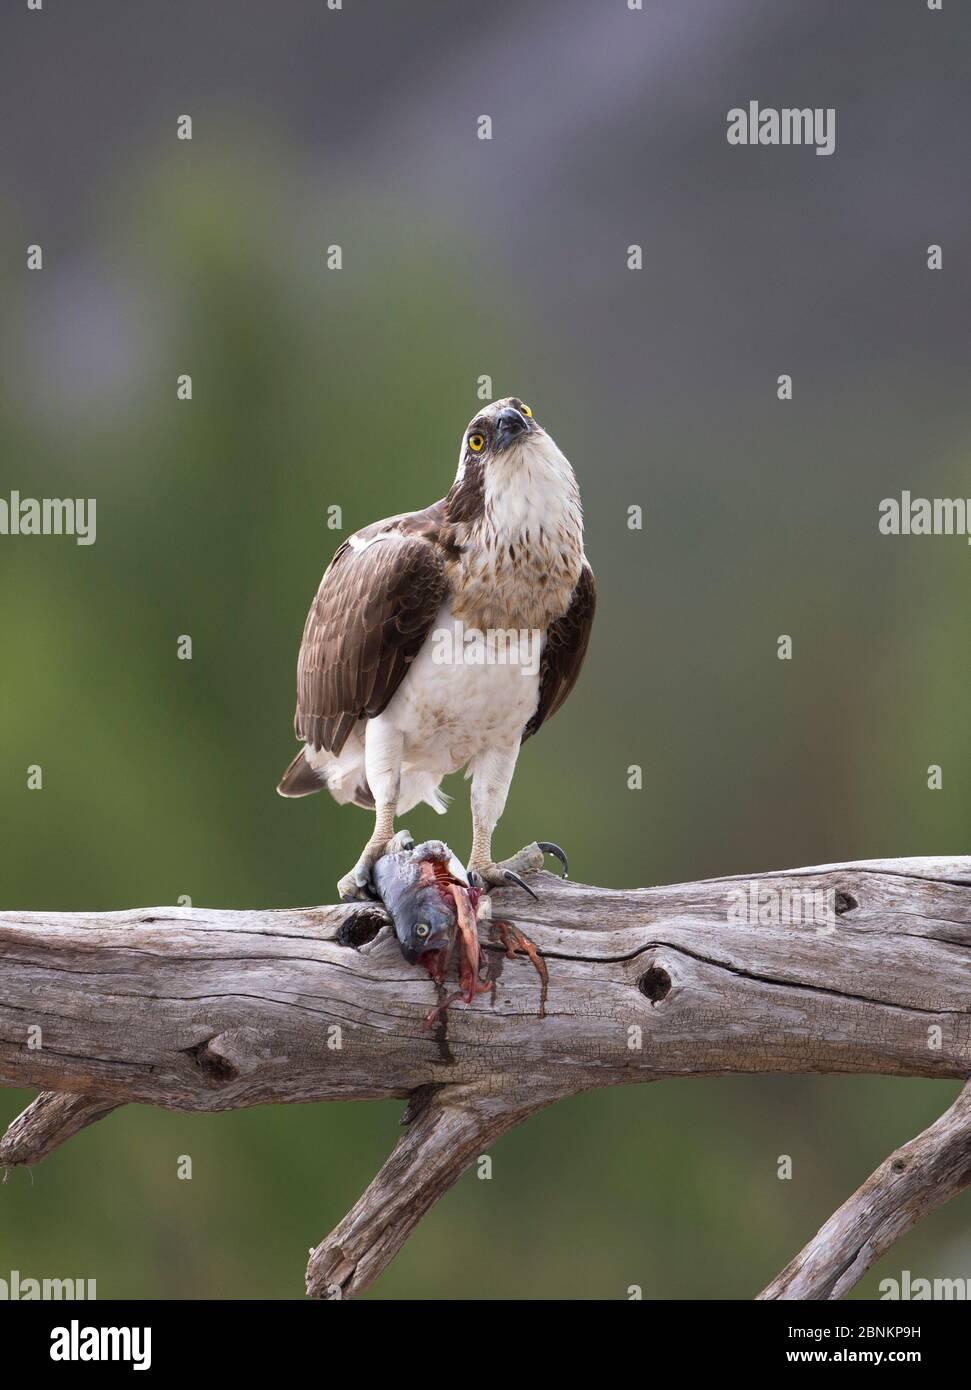 Osprey (Pandion haliatus) se nourrissant de poissons, perchés sur la branche, Glenfeshie, Parc national de Cairngorms, Écosse, Royaume-Uni, juin. Banque D'Images